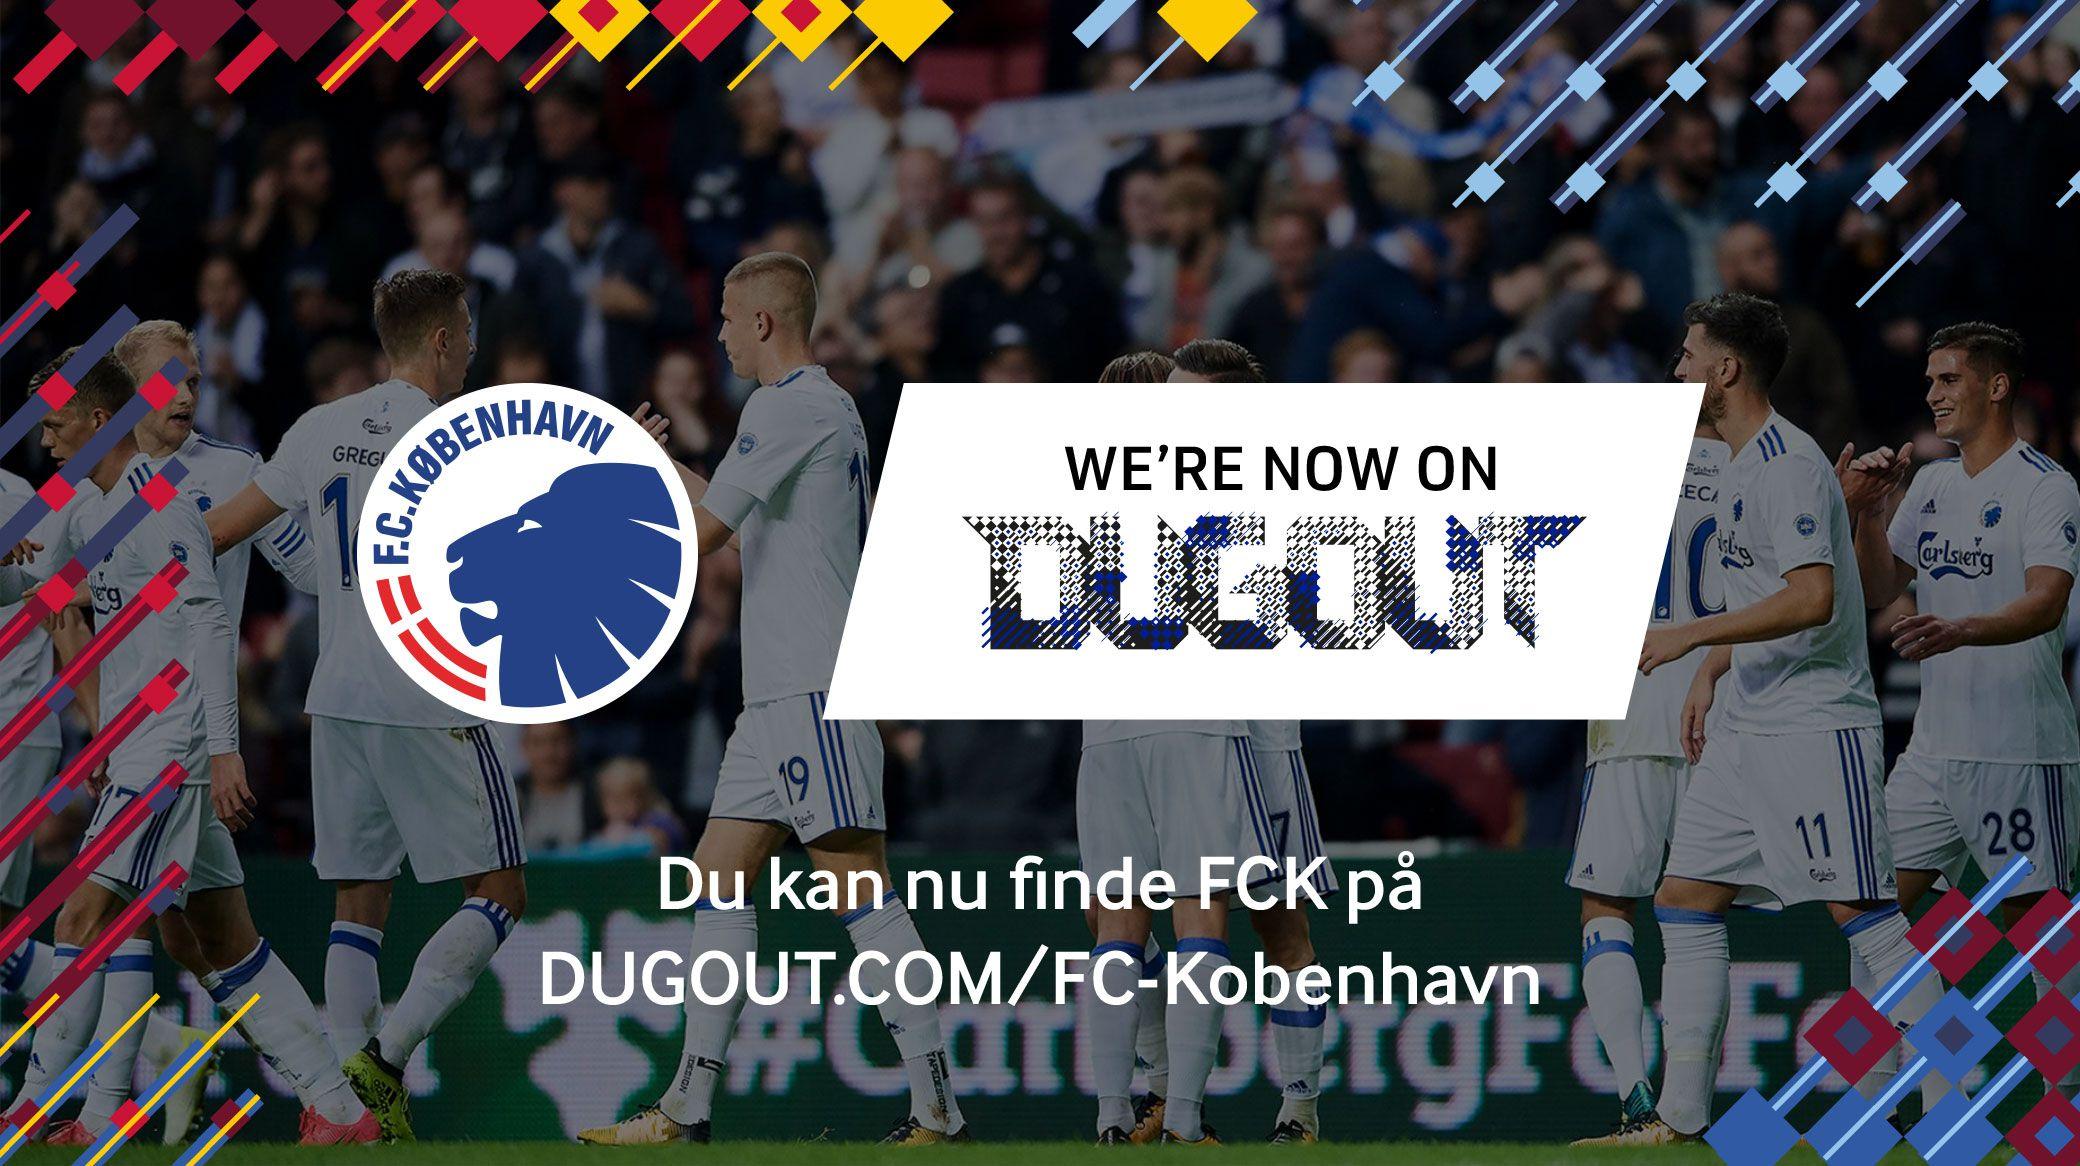 brøndby vs fck live streaming free